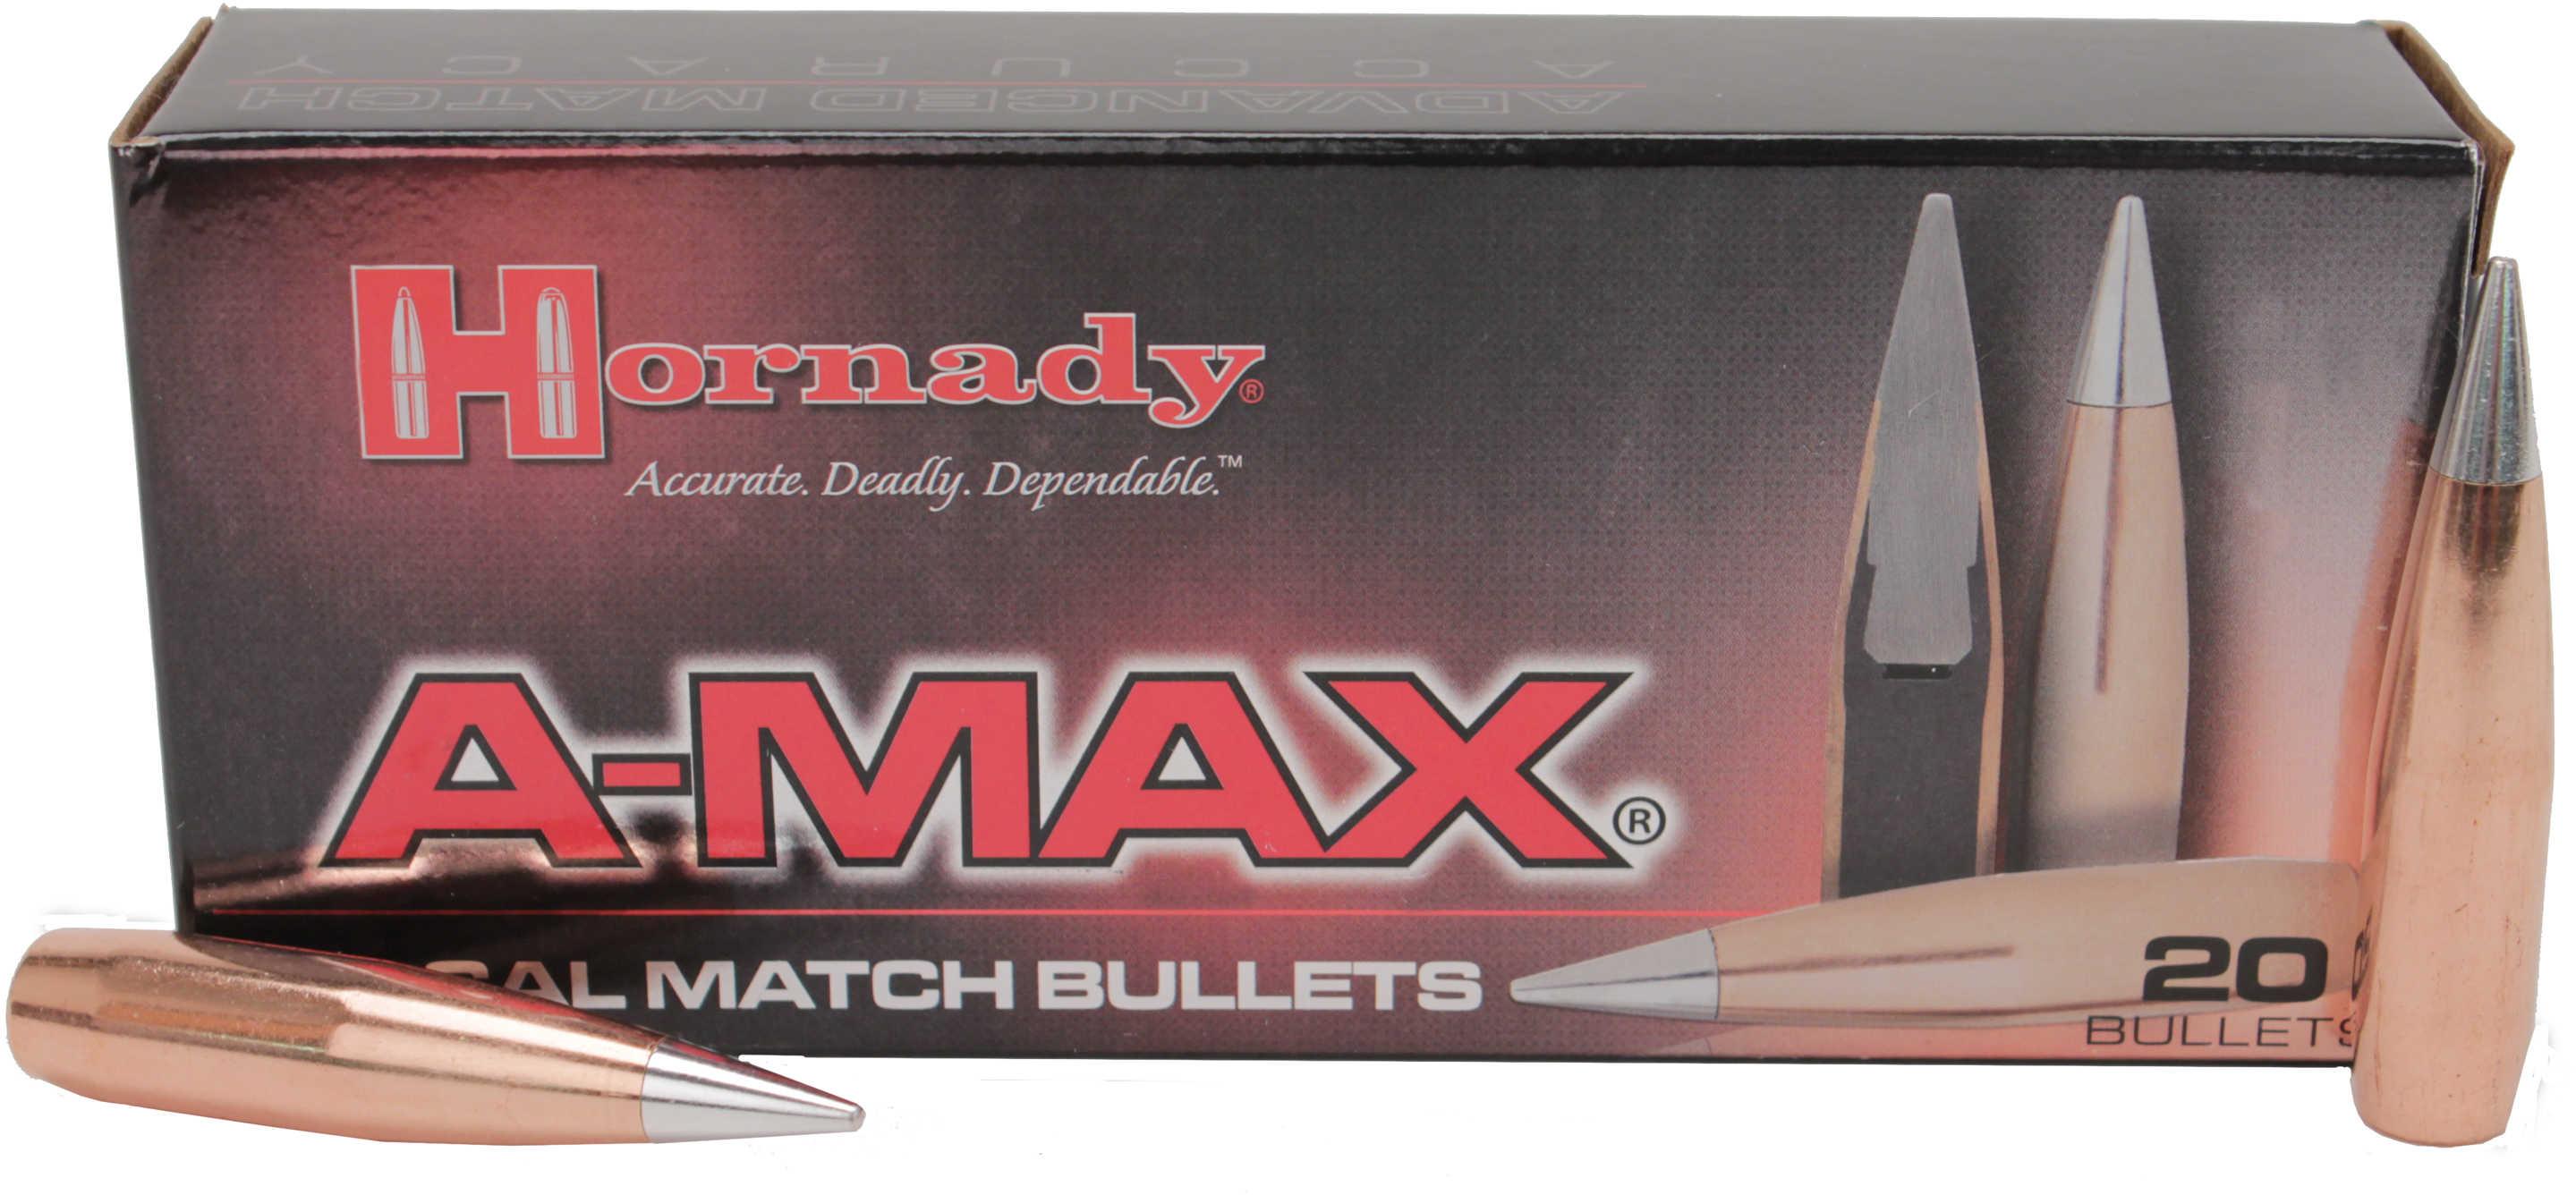 Hornady 50 Caliber Bullets 750 Grains A-Max (Per 20) 5165